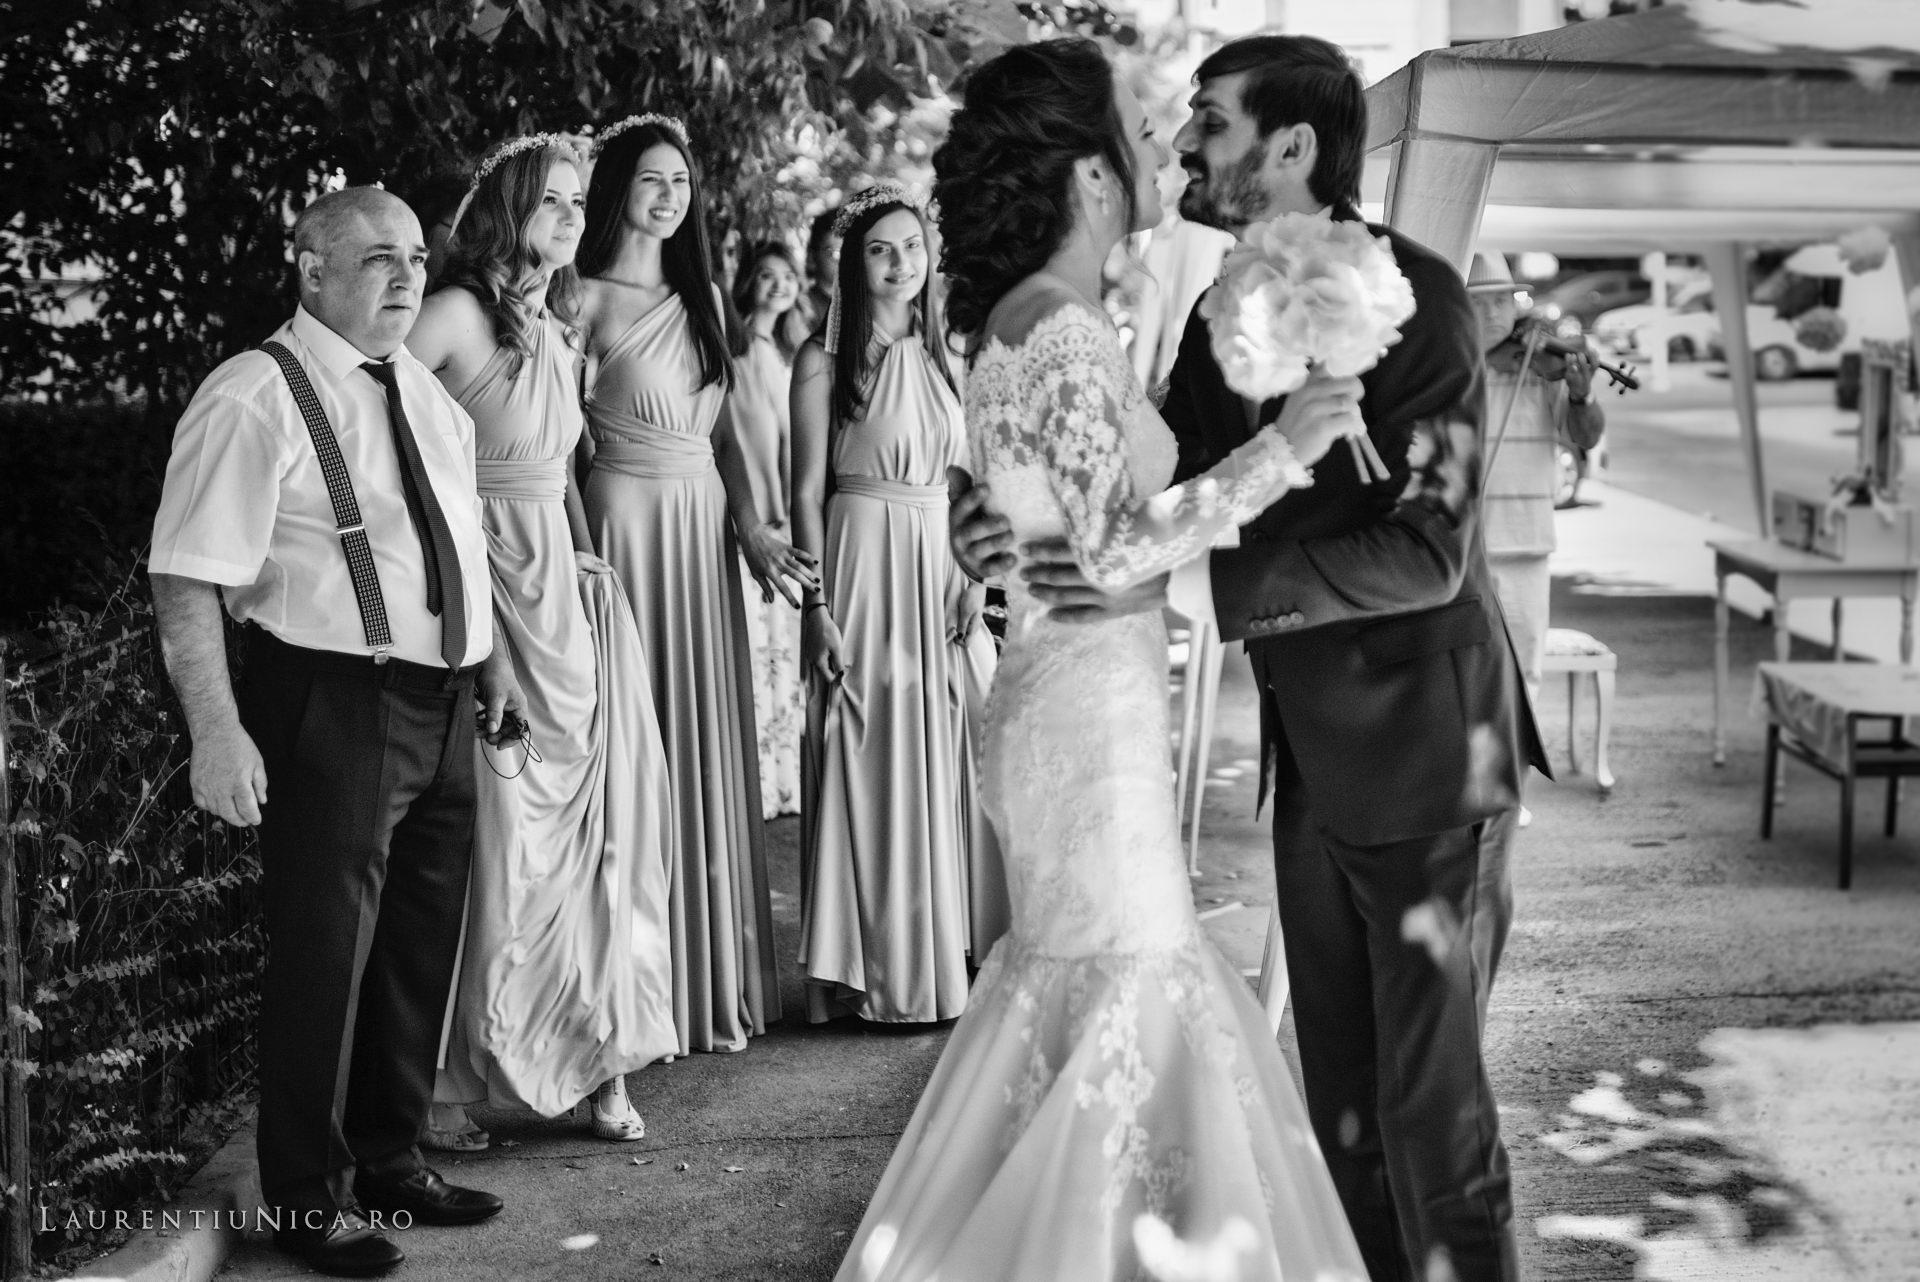 Cristina si Ovidiu nunta Craiova fotograf laurentiu nica 079 - Cristina & Ovidiu | Fotografii nunta | Craiova